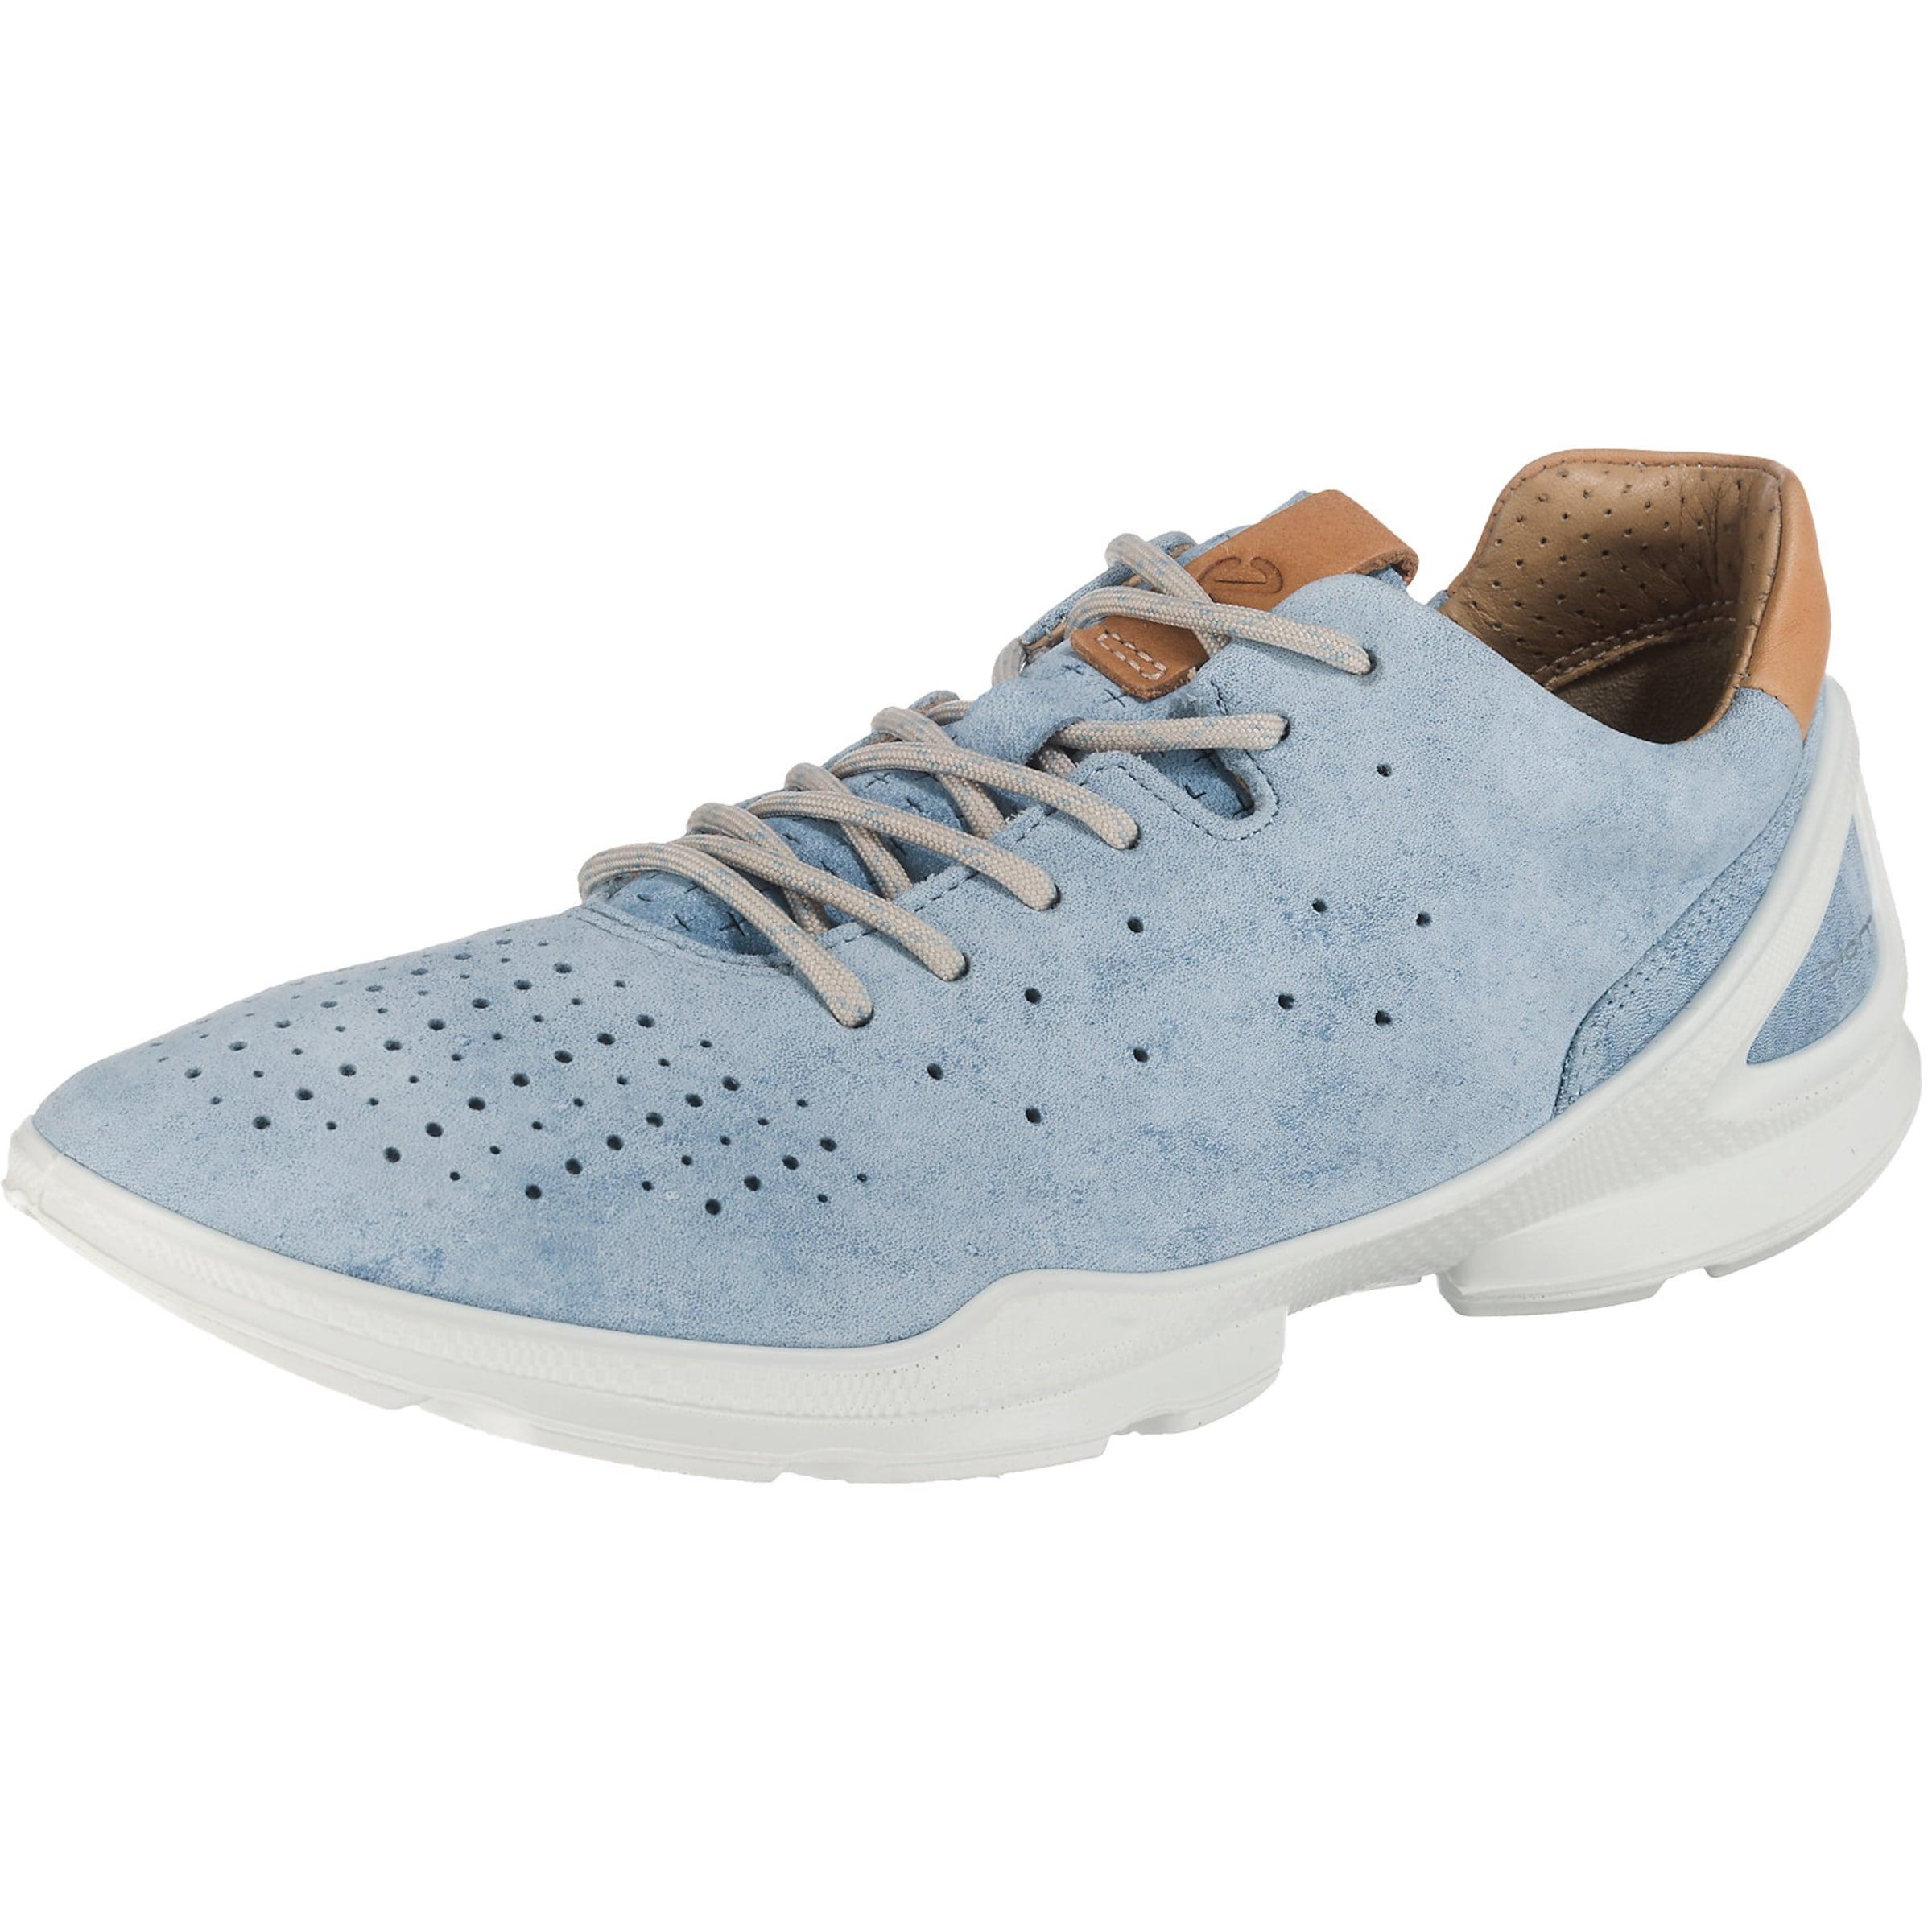 ECCO Sneakers Low Biom Fjuel Navy Yabuck Yak